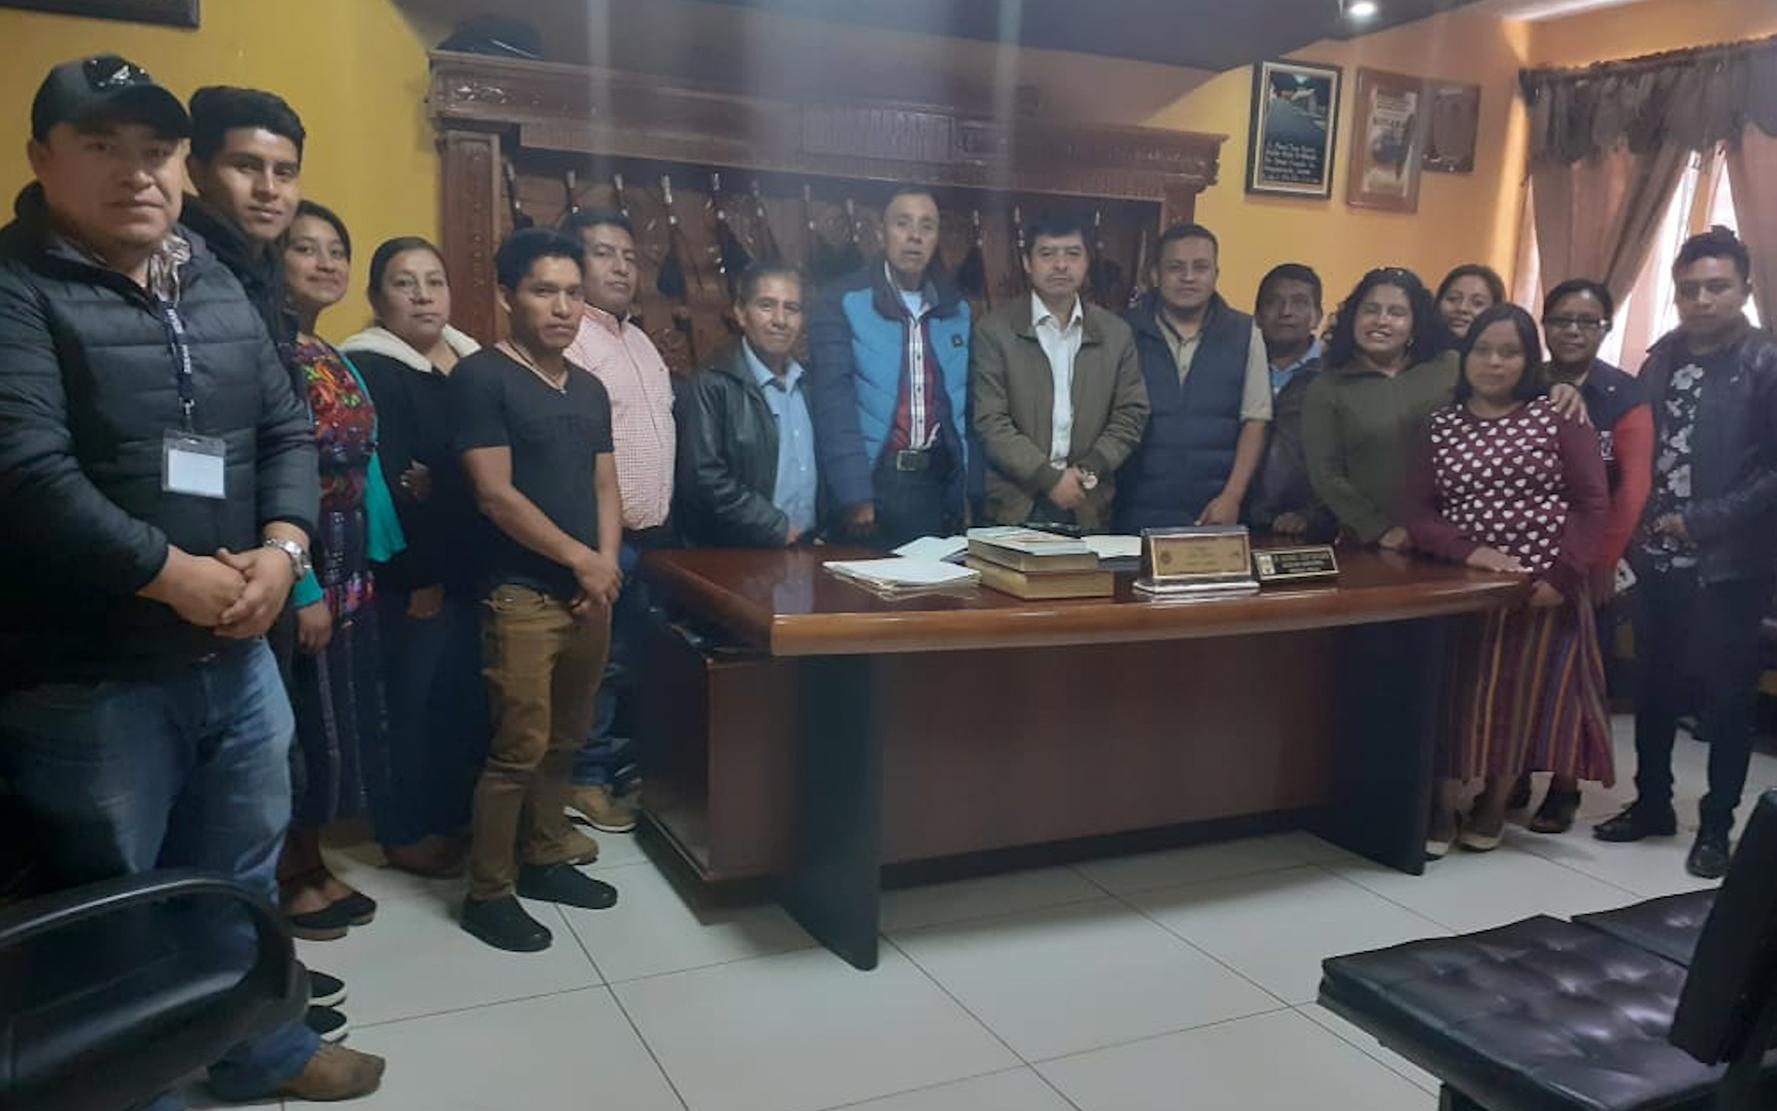 Red de niños y adolescentes NIV NAUC participa en reunión con autoridades locales en Nahualá, Sololá